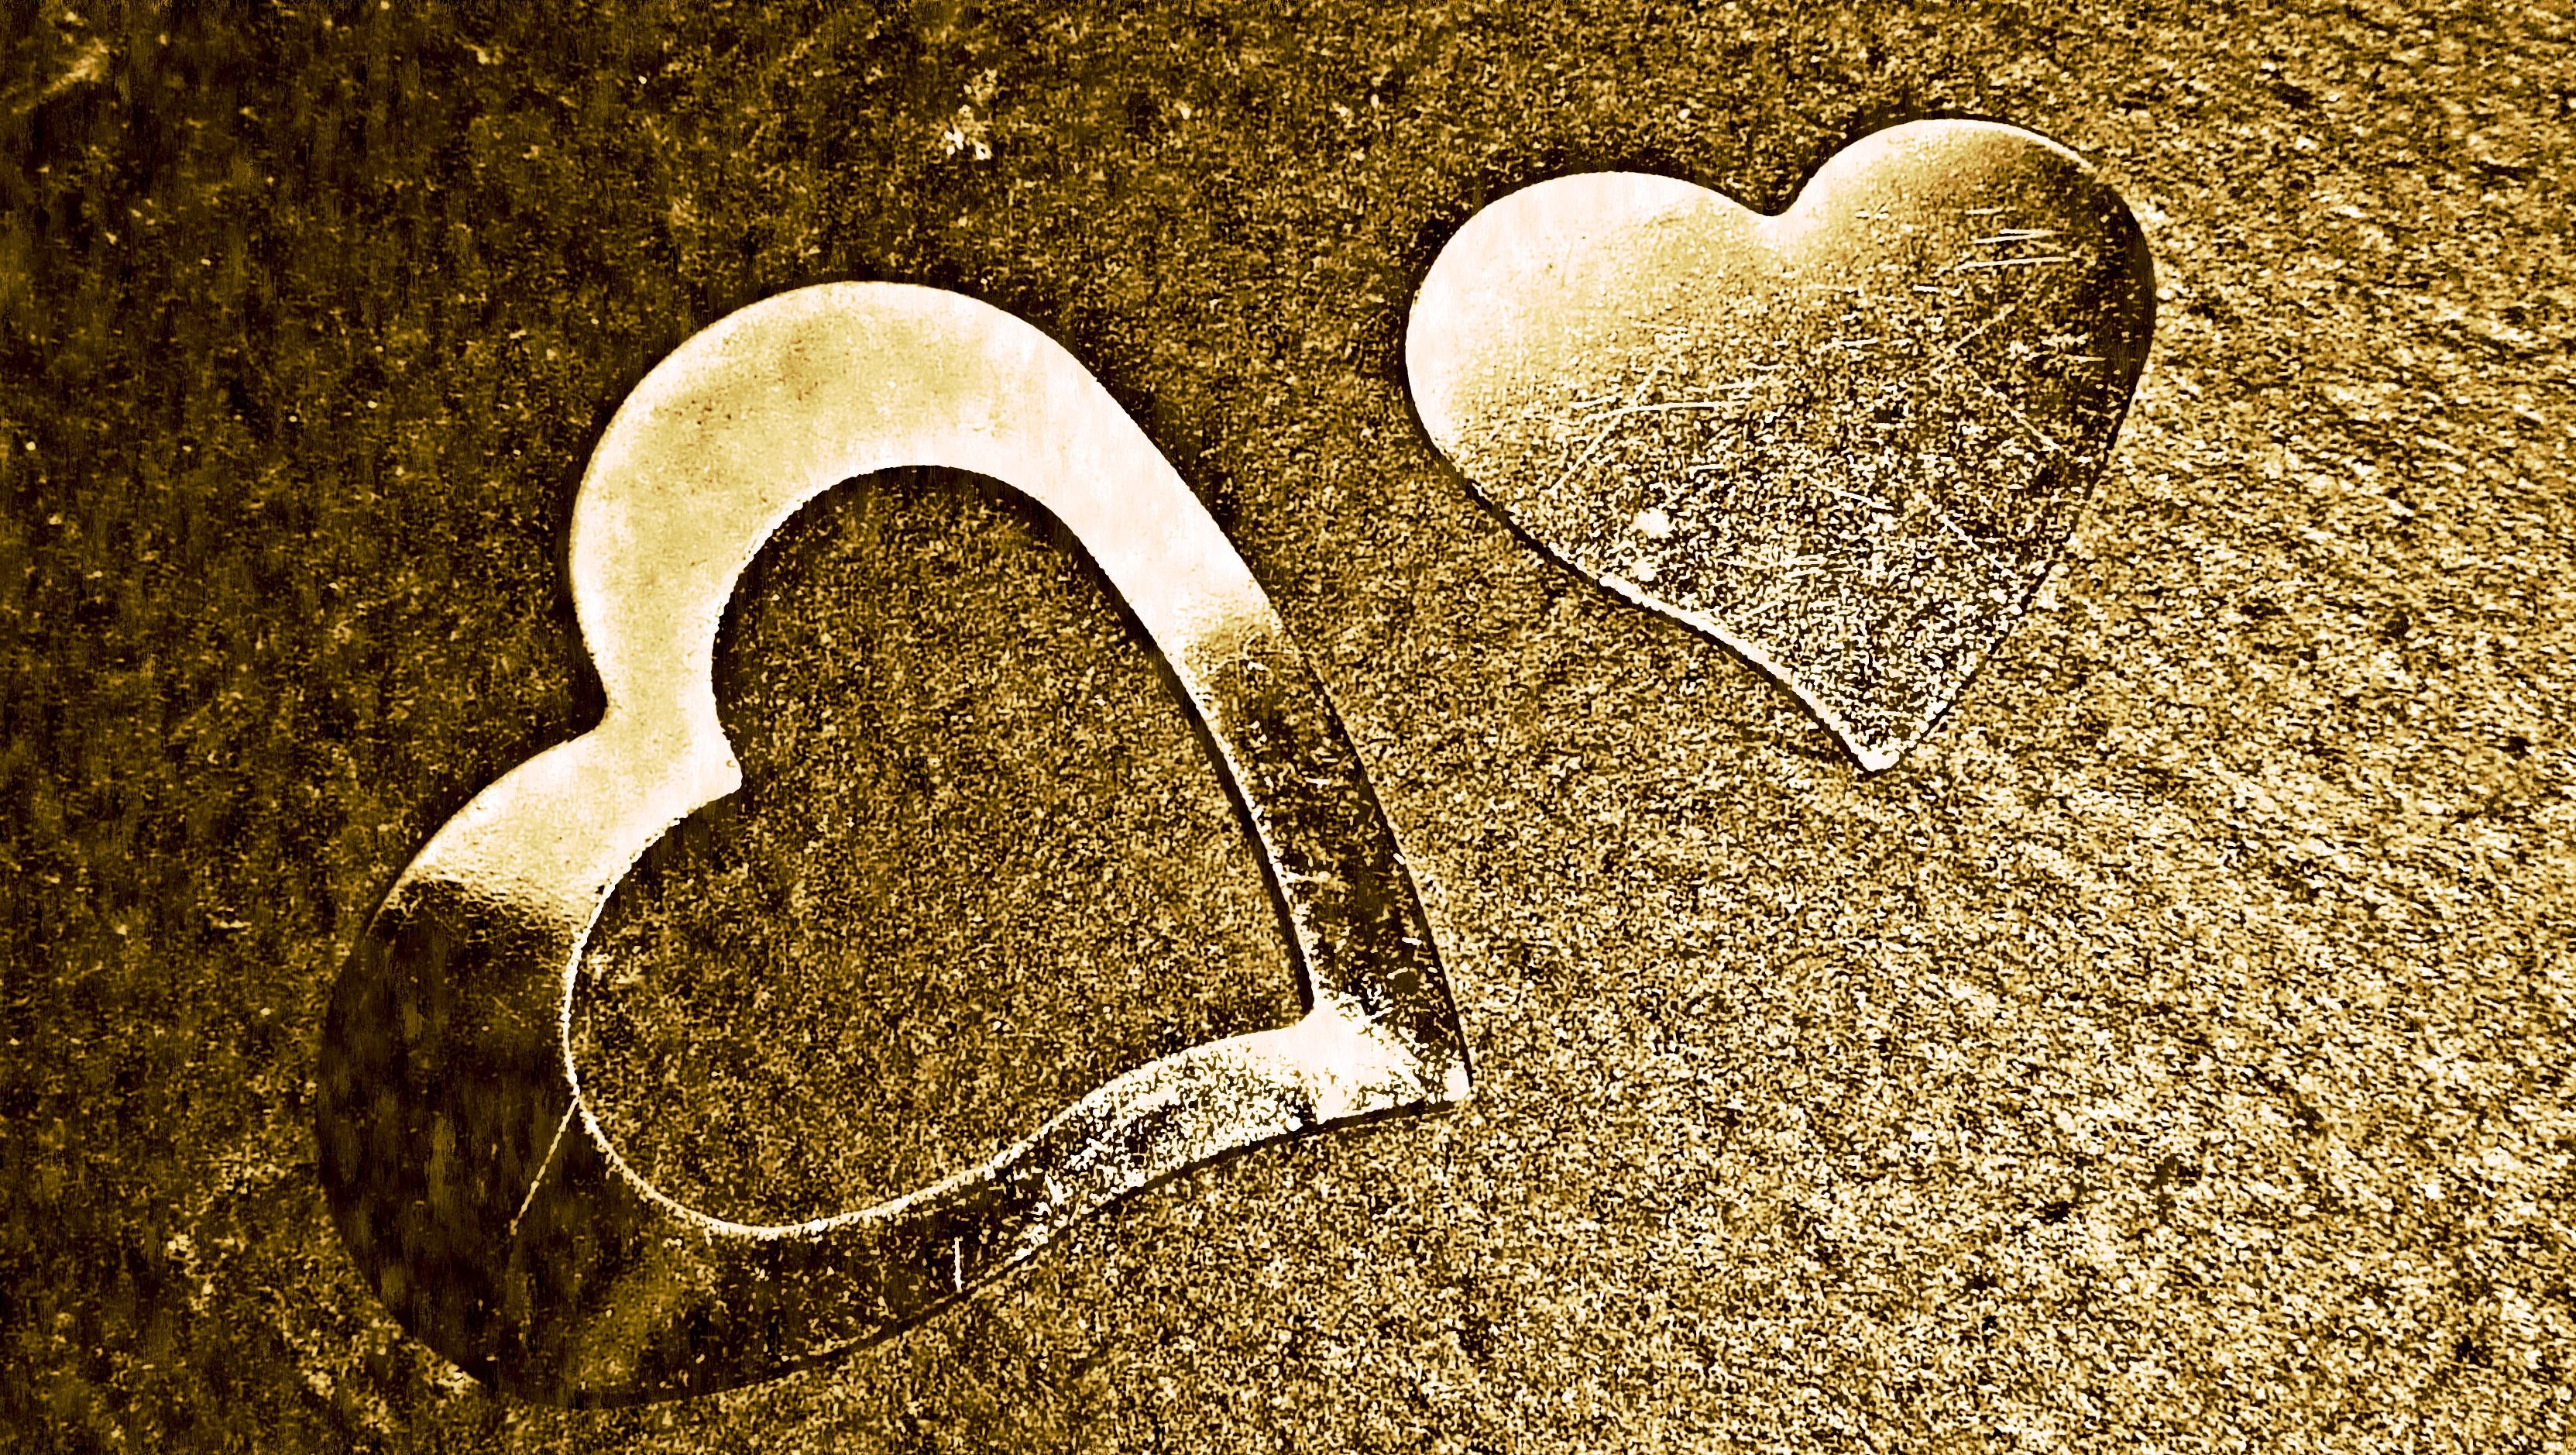 よくある話かもしれないが、みんなもあるかもしれない恋愛の失敗